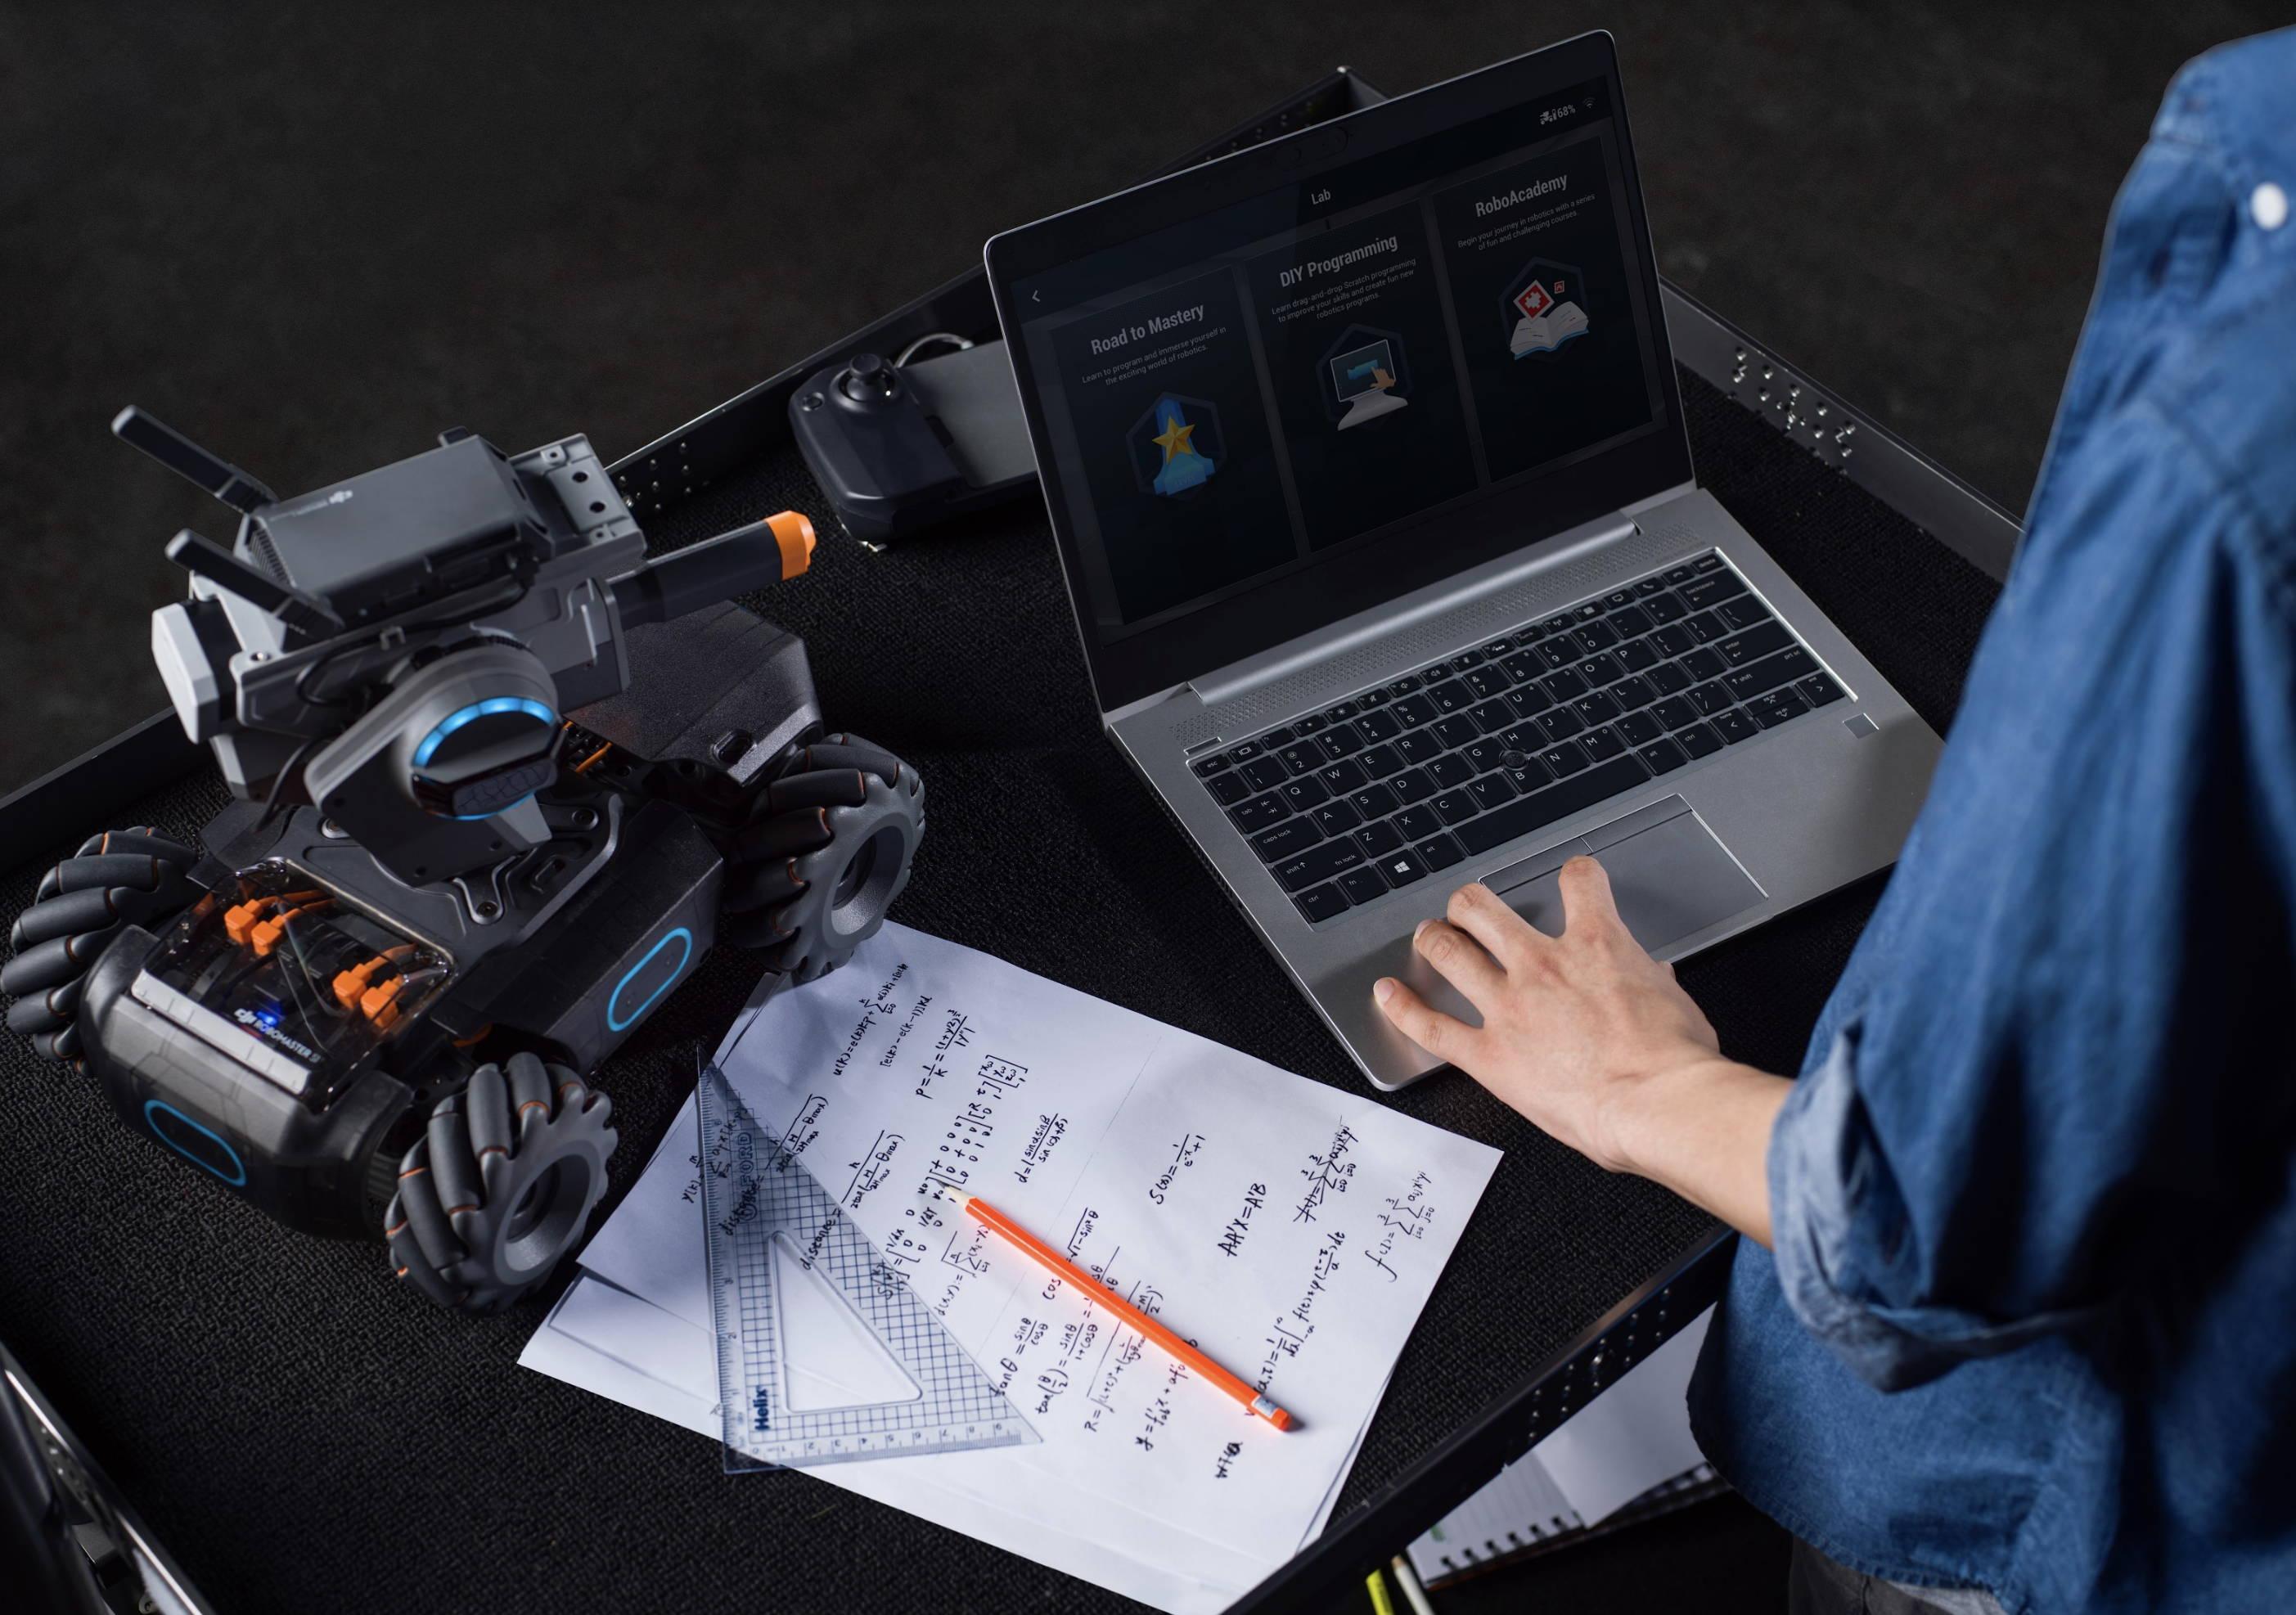 DJI RoboMaster S1  programming